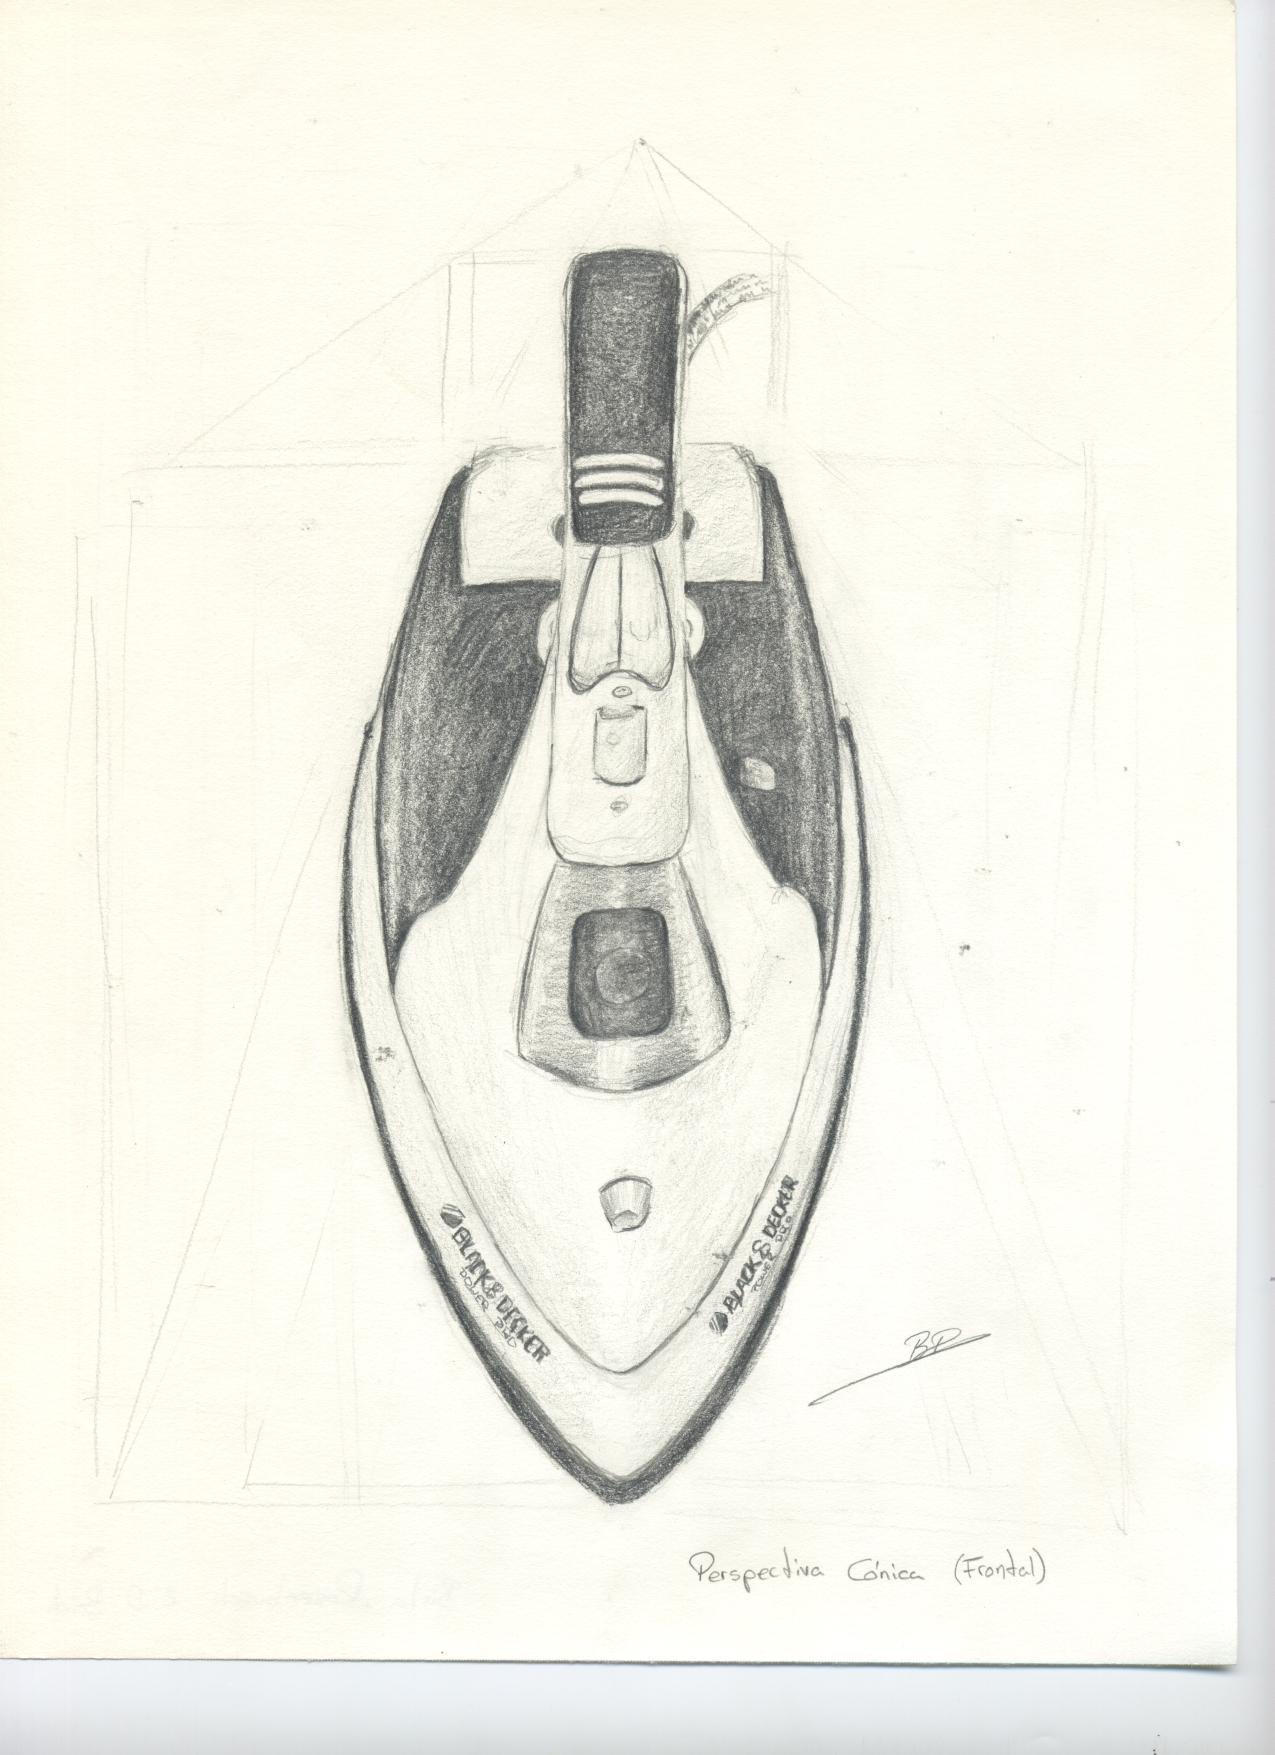 Perspectivas Dibujos artsticos realizados con CAMBIOS DE PERSPECTIVA y PUNTO DE VISTA  manuelprofesordeproyectos Manuel Padilla lvarez